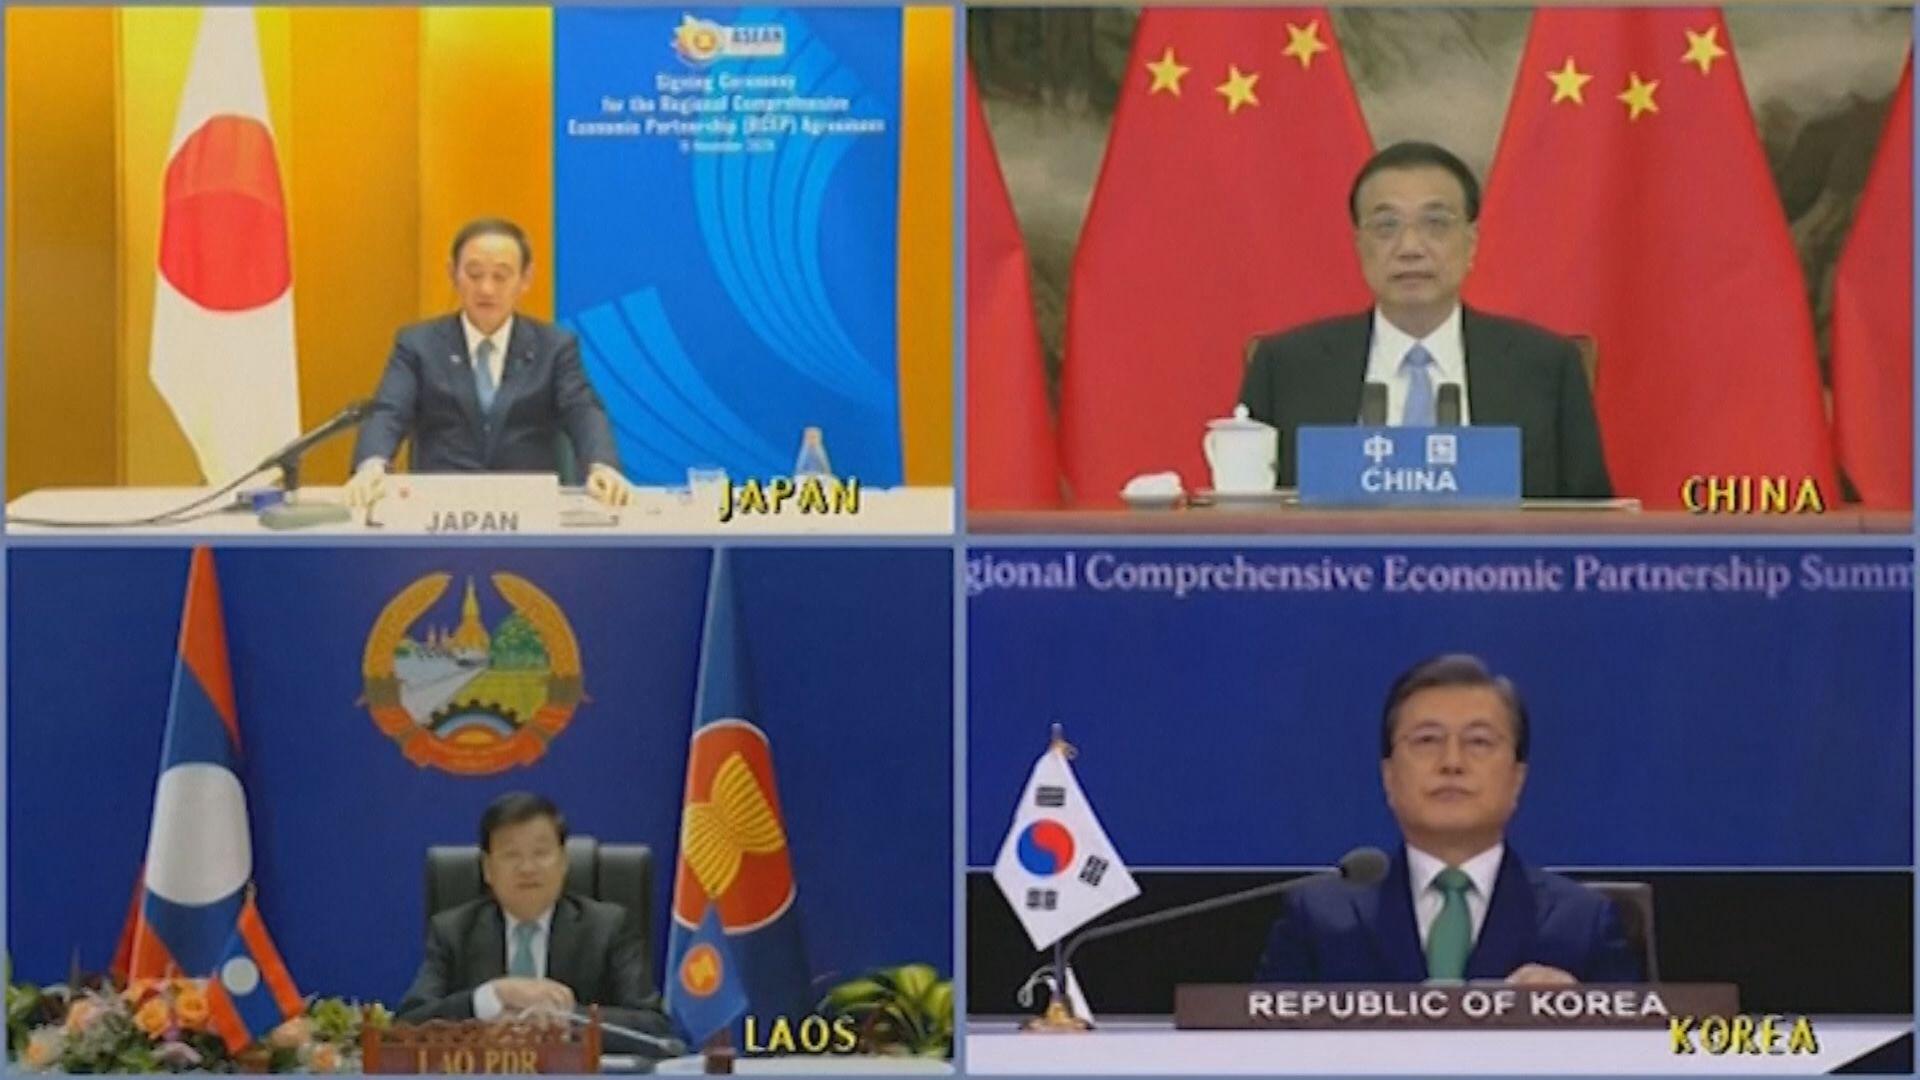 李克強:RCEP協定標誌多邊主義和自由貿易的勝利